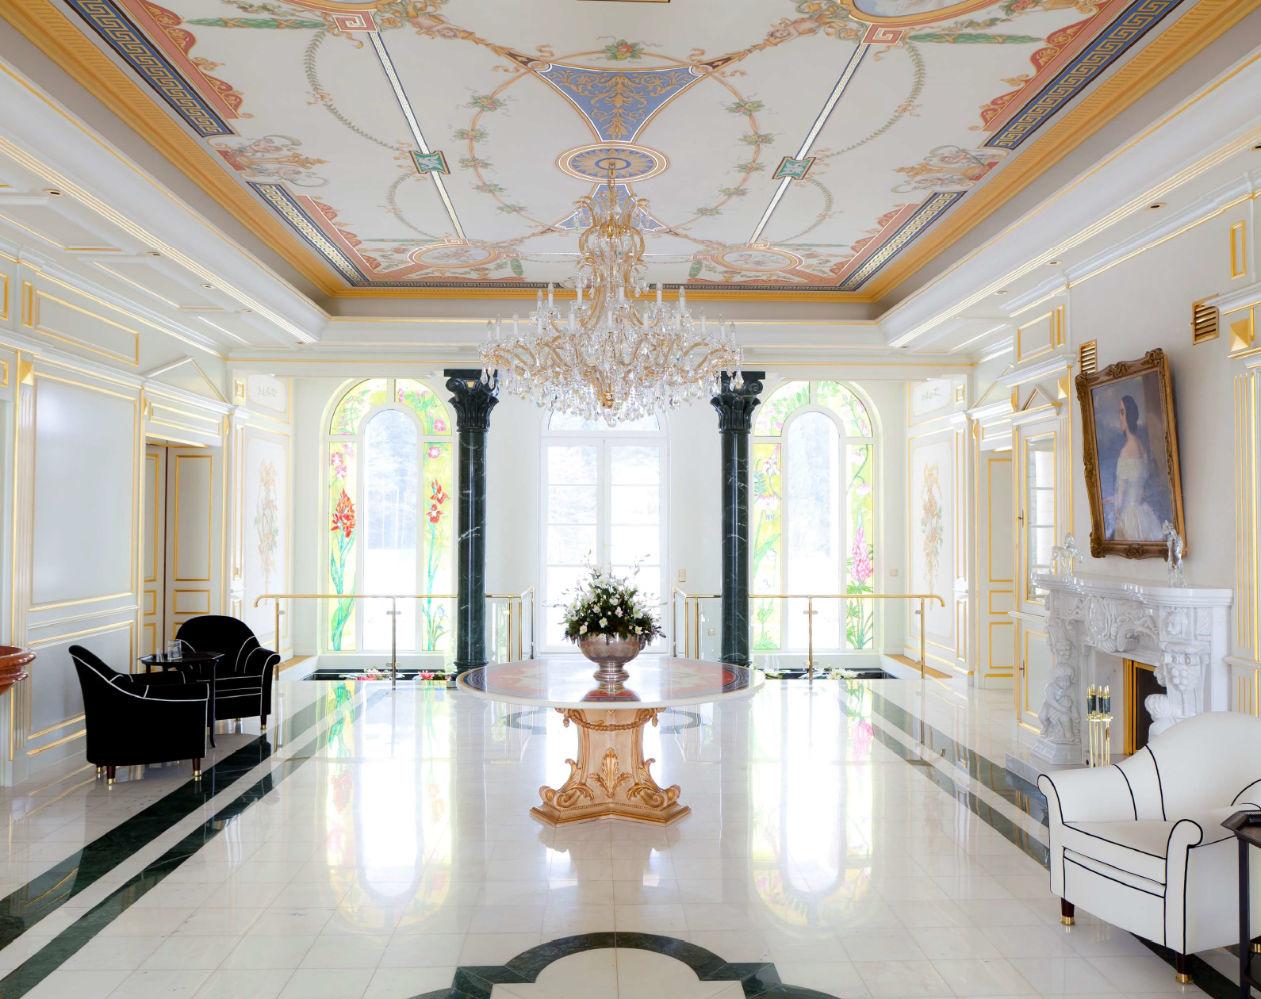 Château privé, Munich, Allemagne - Agencement sur mesure - LA MANUFACTURE 1924 -